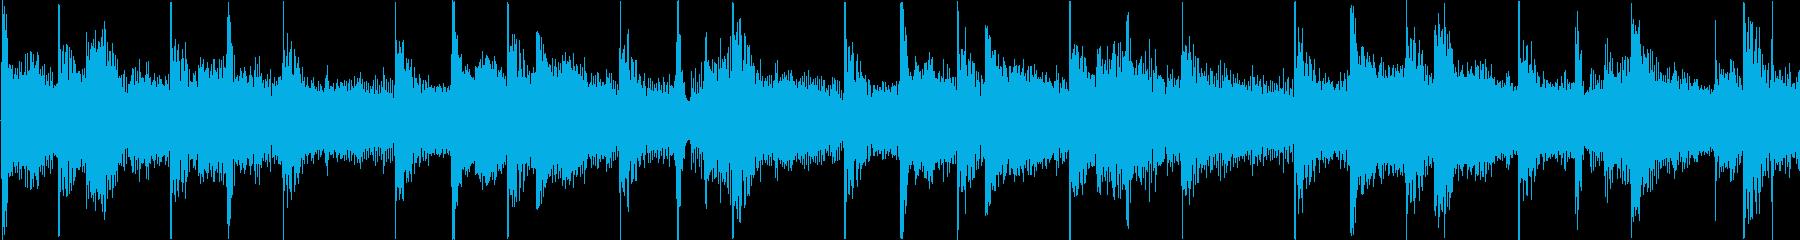 緊張感漂うアンビエント系テクノの再生済みの波形